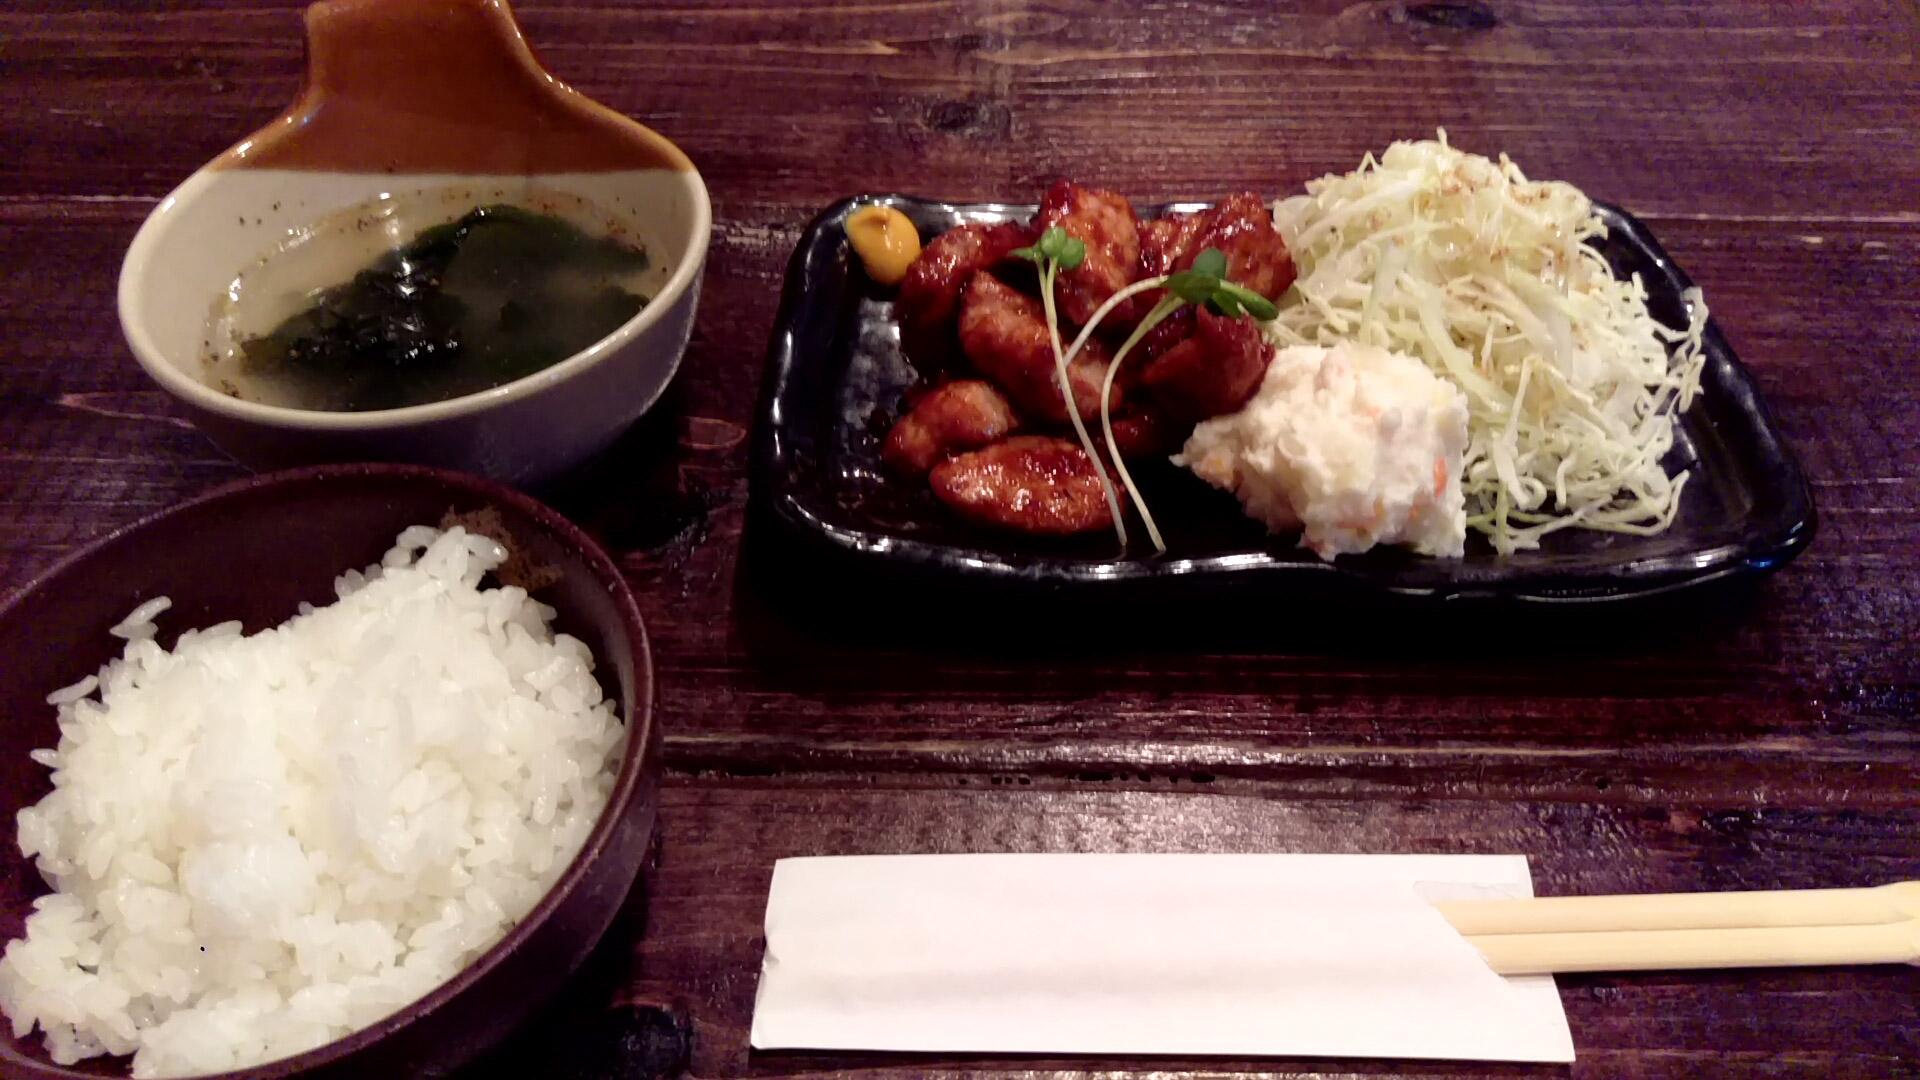 「新」流トンテキランチ(並)@新さん(ごはん半分) 食べ終わる頃には肉がもっと食べたくなっているはず